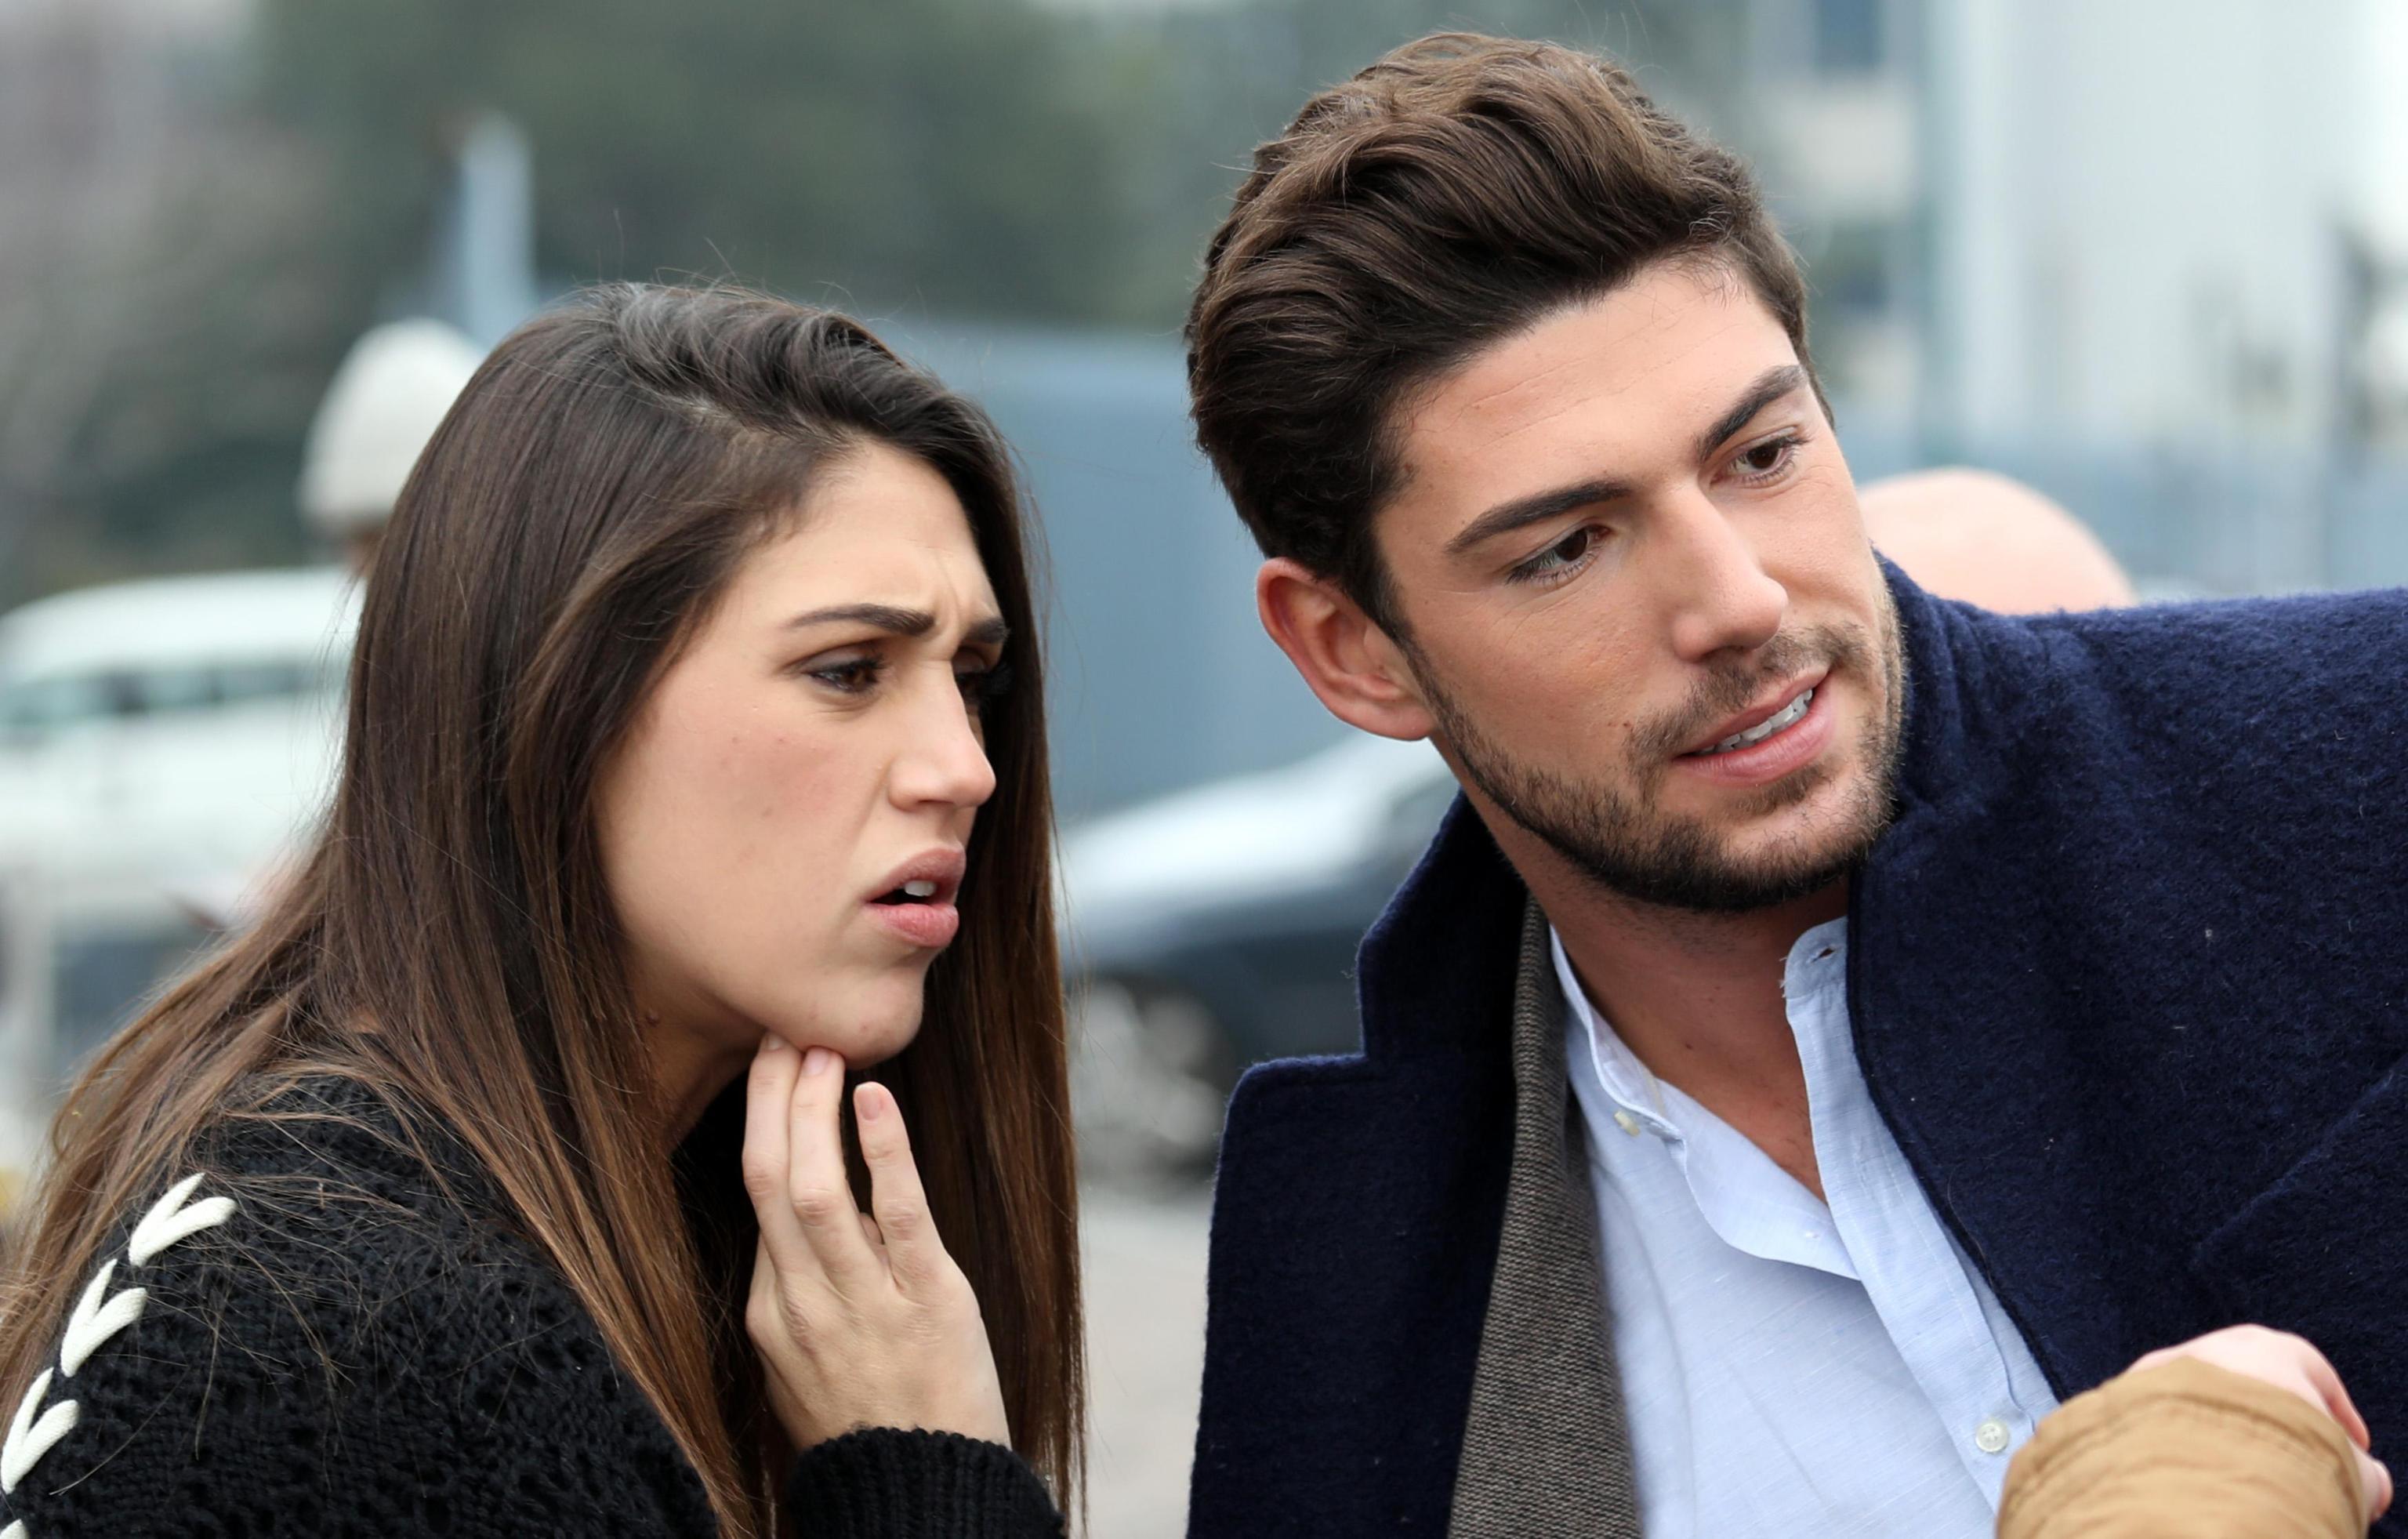 Cecilia Rodriguez e Ignazio Moser aspettano un figlio?